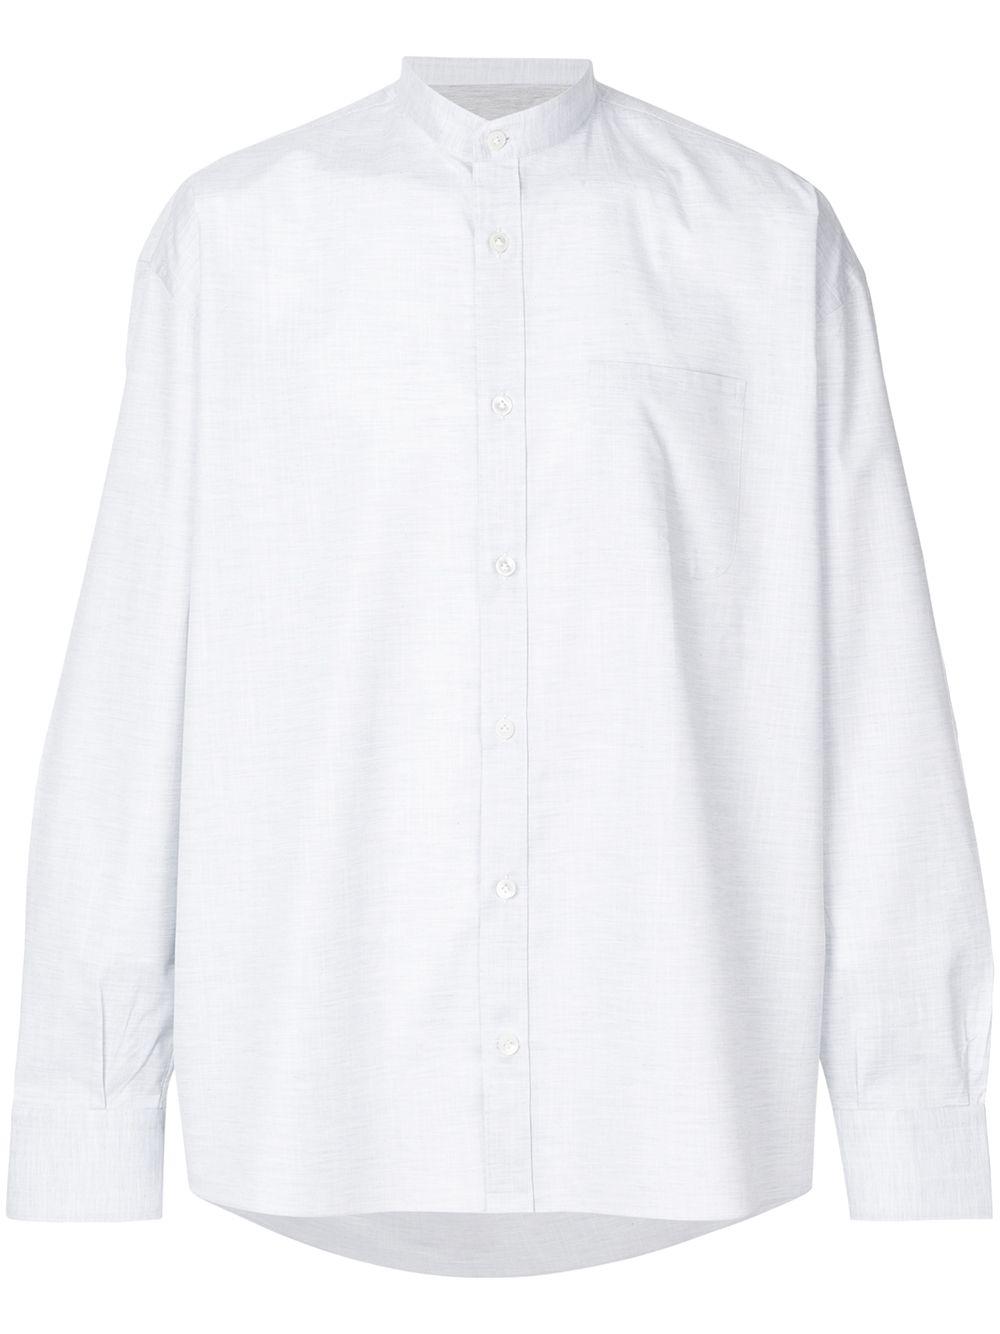 Eleventy | рубашка без воротника | Clouty